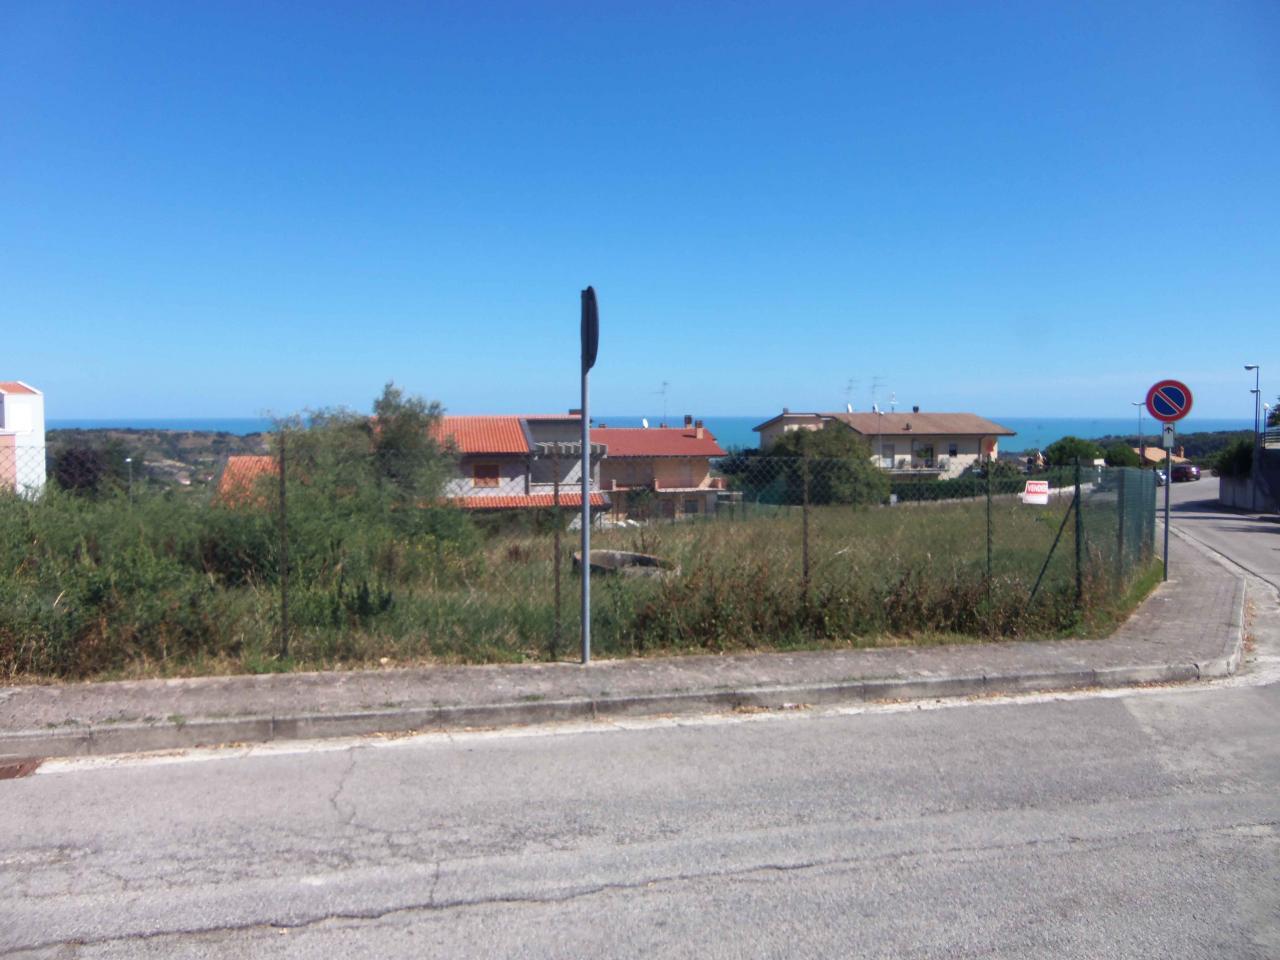 Terreno Edificabile Residenziale in vendita a Acquaviva Picena, 9999 locali, zona Località: Panoramica, prezzo € 135.000 | Cambio Casa.it